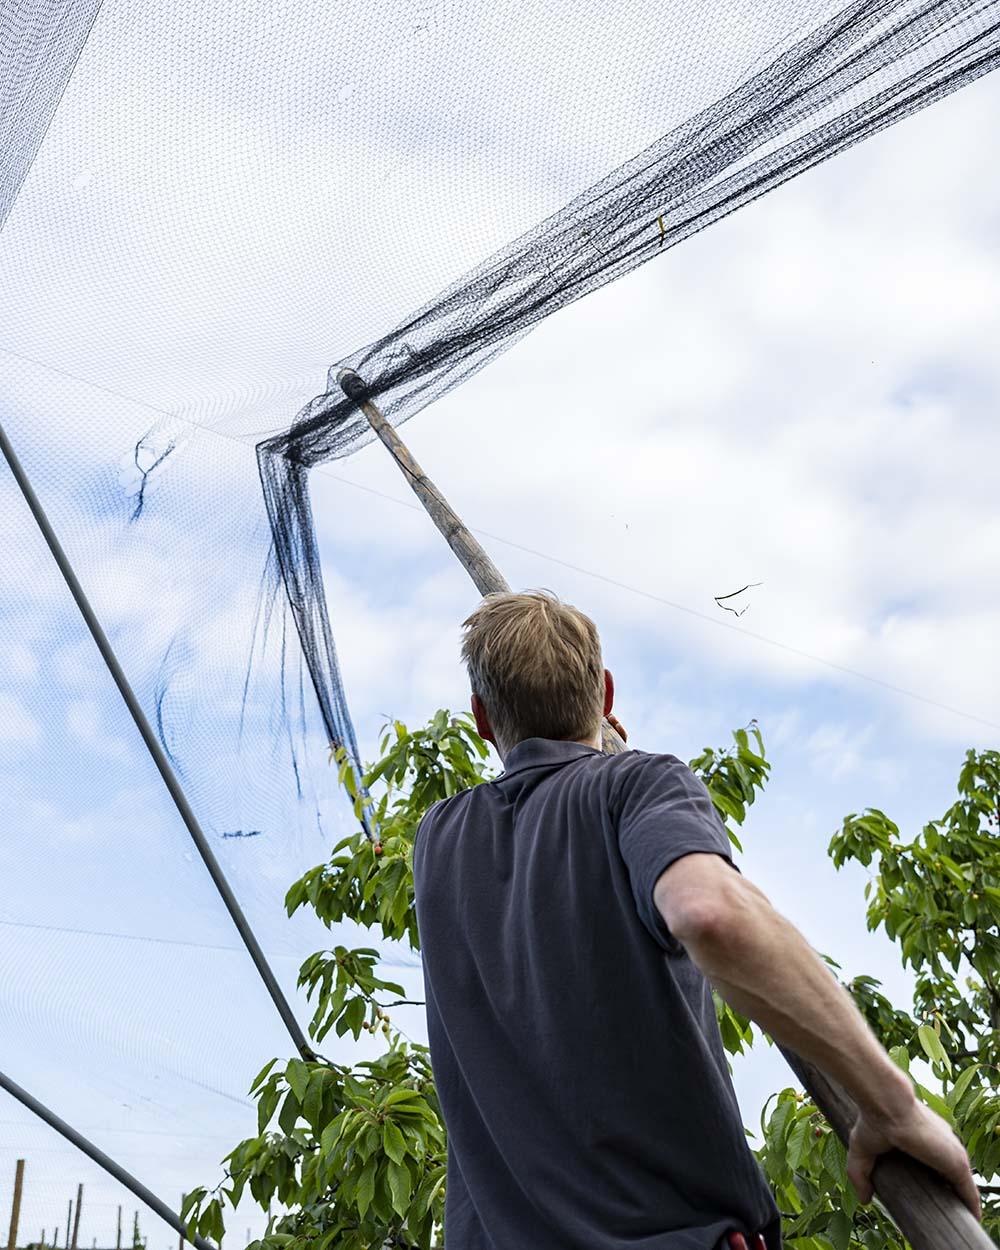 Cord Lefers vom Obsthof Lefers im Alten Land hebt das Netz in de Luft und zieht es nach und nach ober die Kirschbäume.